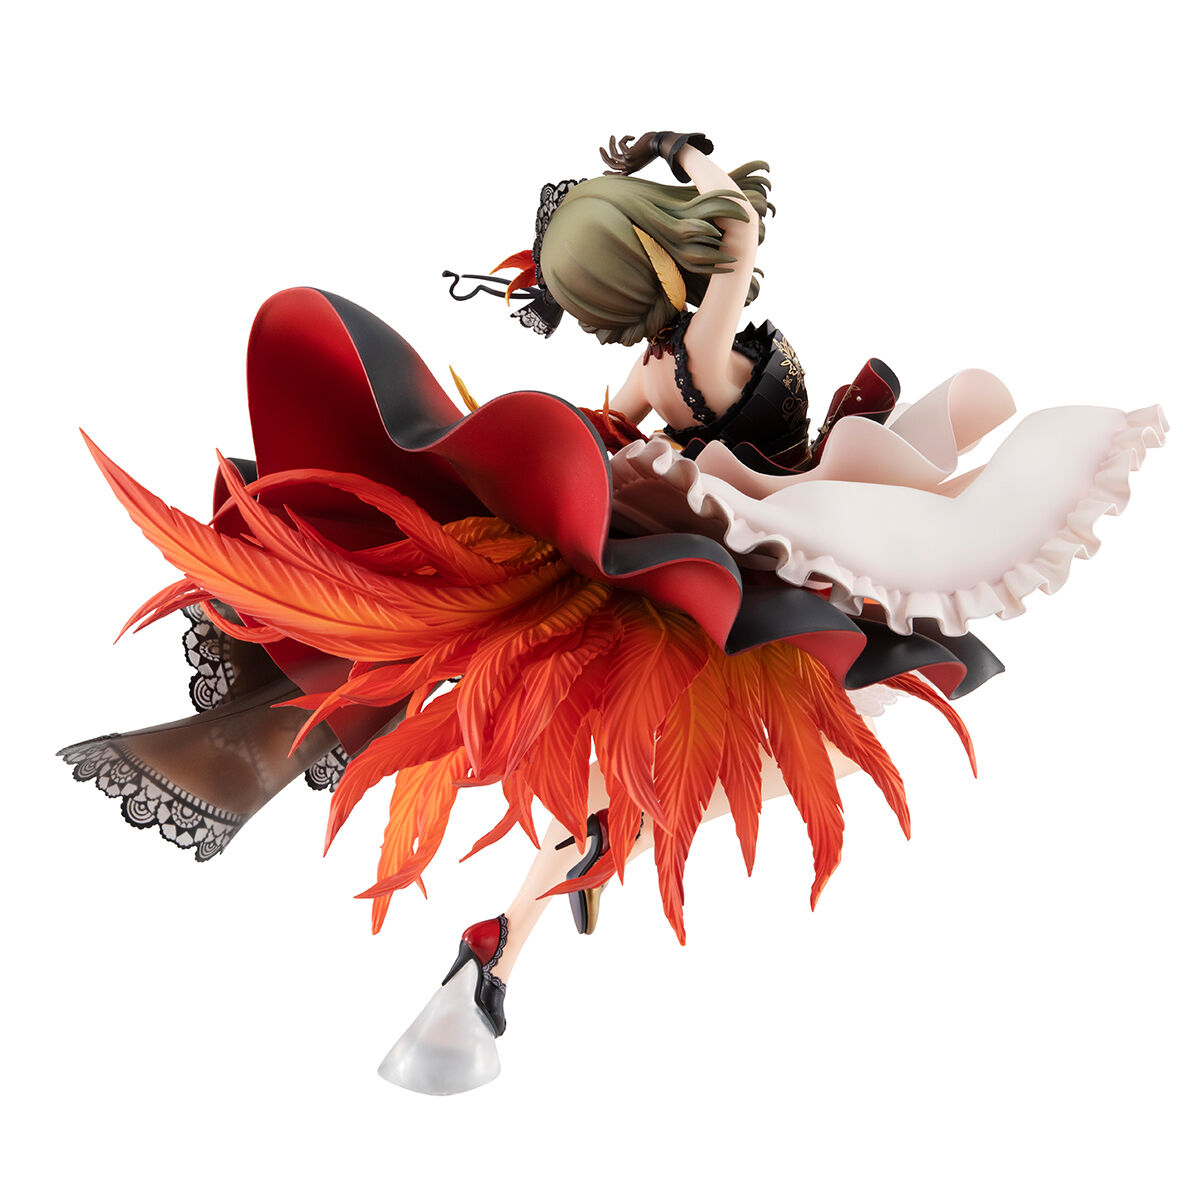 【限定販売】ブリリアントステージ『高垣楓 悠久の羽根』アイドルマスター シンデレラガールズ 完成品フィギュア-004